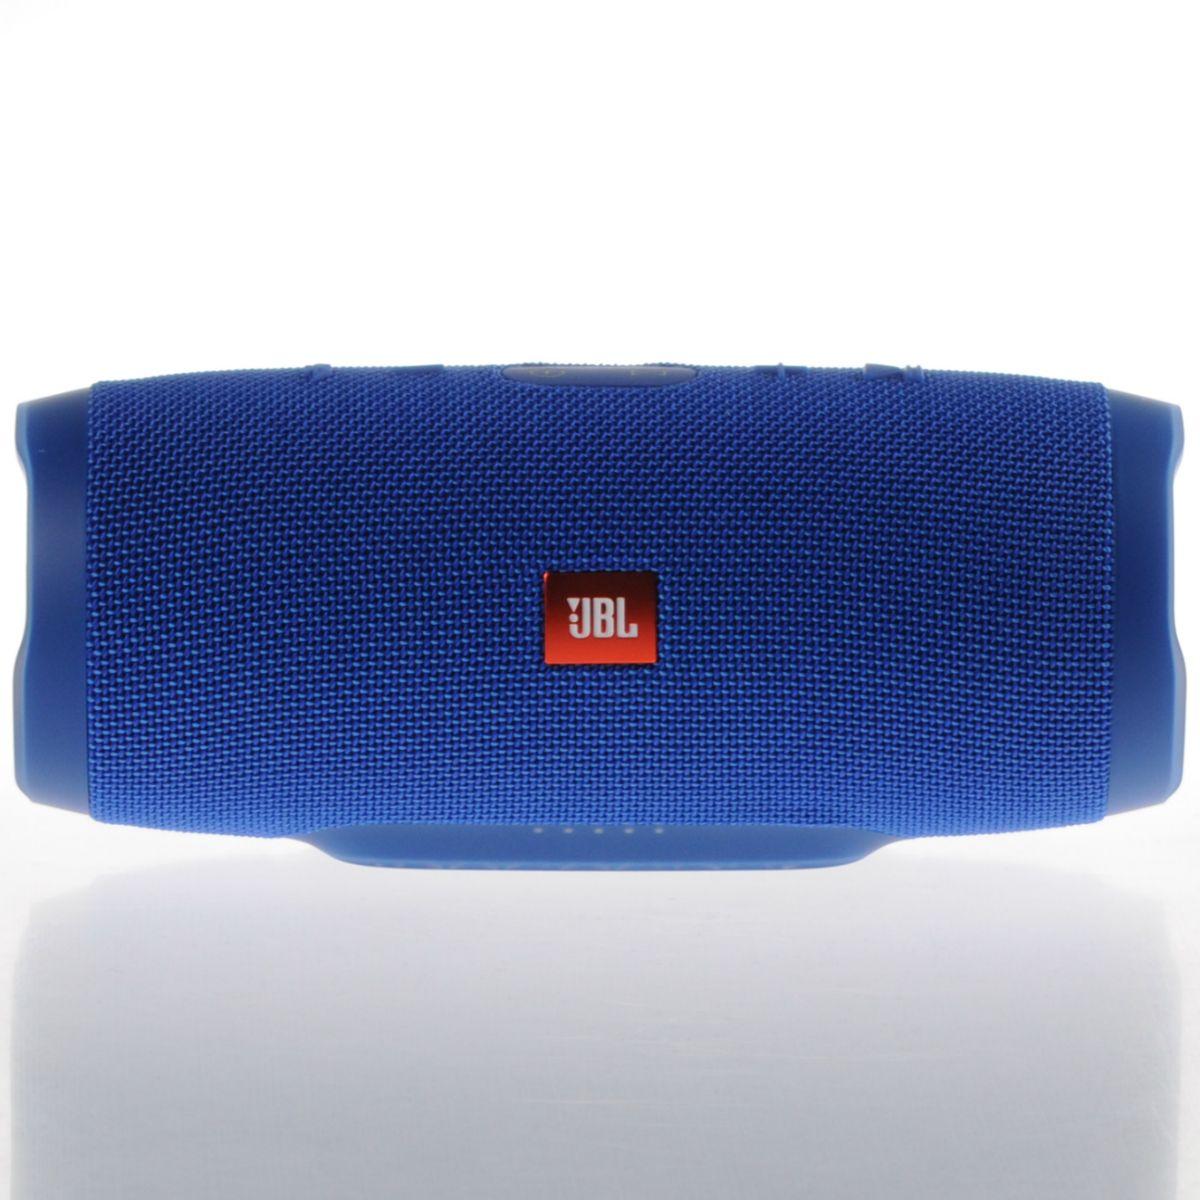 Buy a JBL Charge 3 Waterproof Portable Bluetooth Speaker